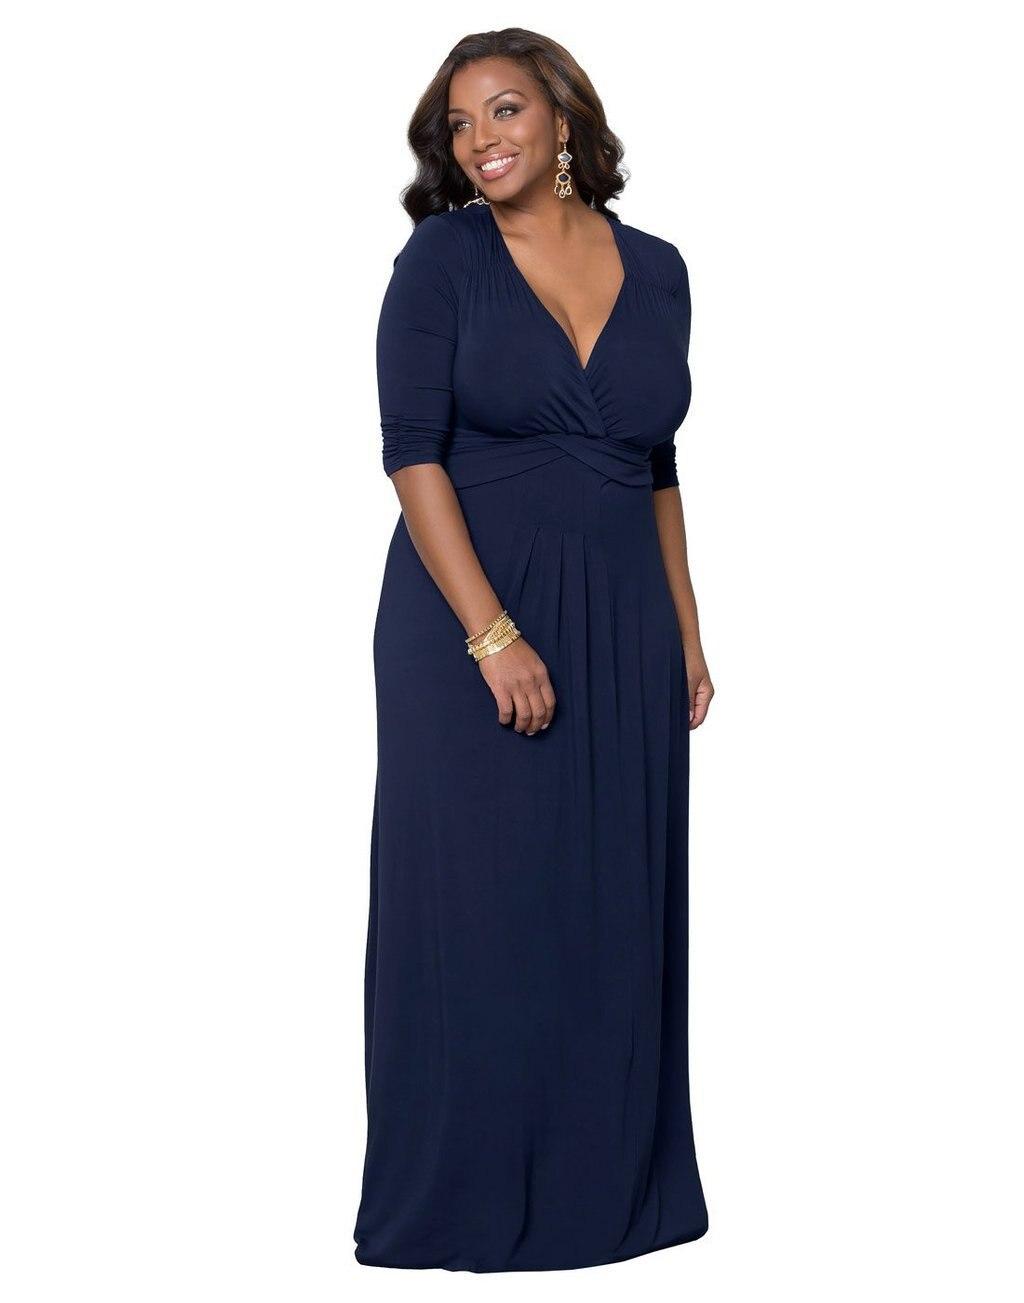 3XL осенне-весенние платья модные элегантные женские с v-образным вырезом синие Черные Большие размеры женское платье вечернее тонкое длинно...